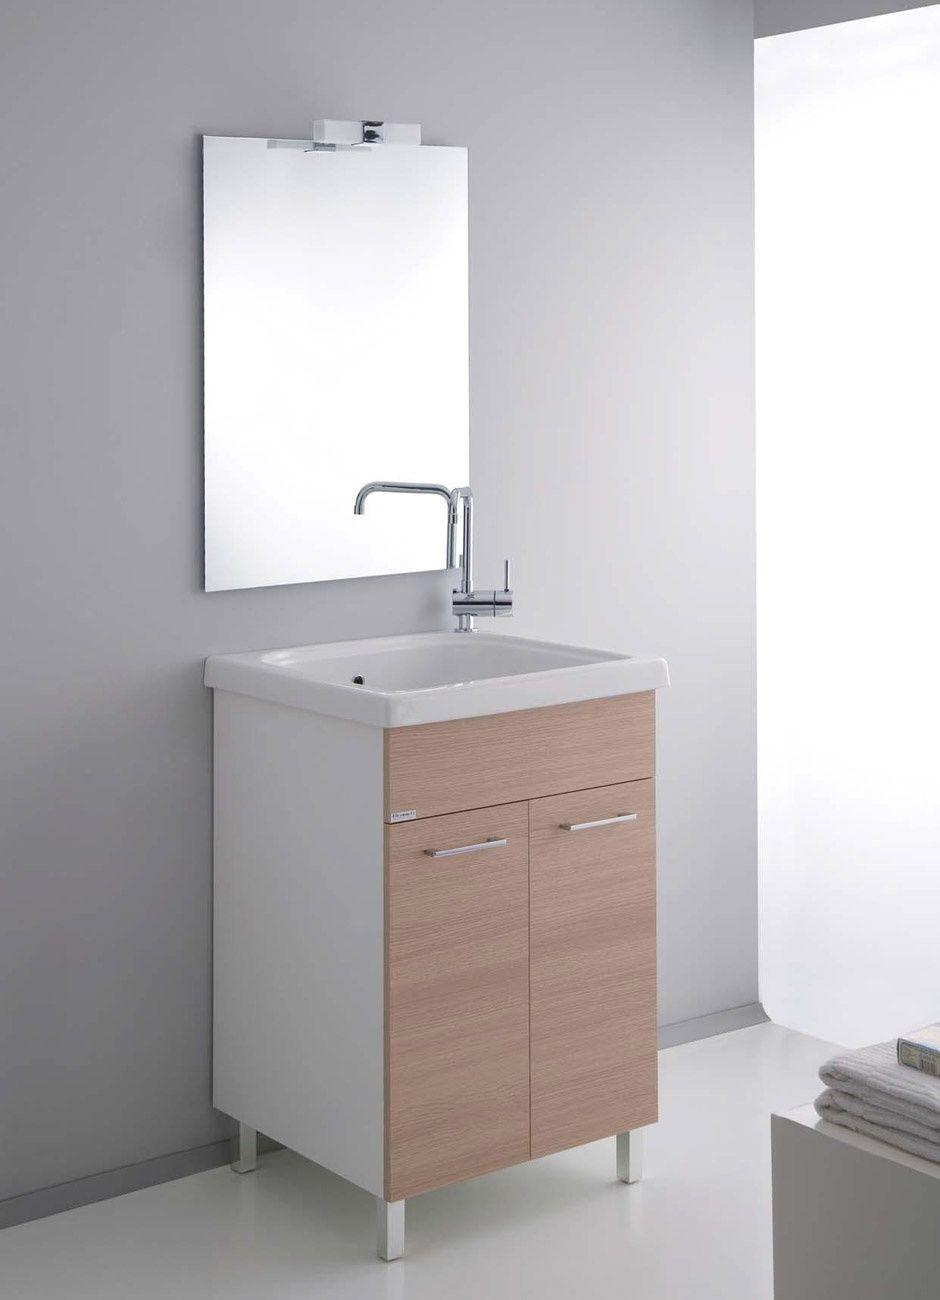 Mobile incluso di vasca lavatoio in cermica 60x60 cm | Arredo ...